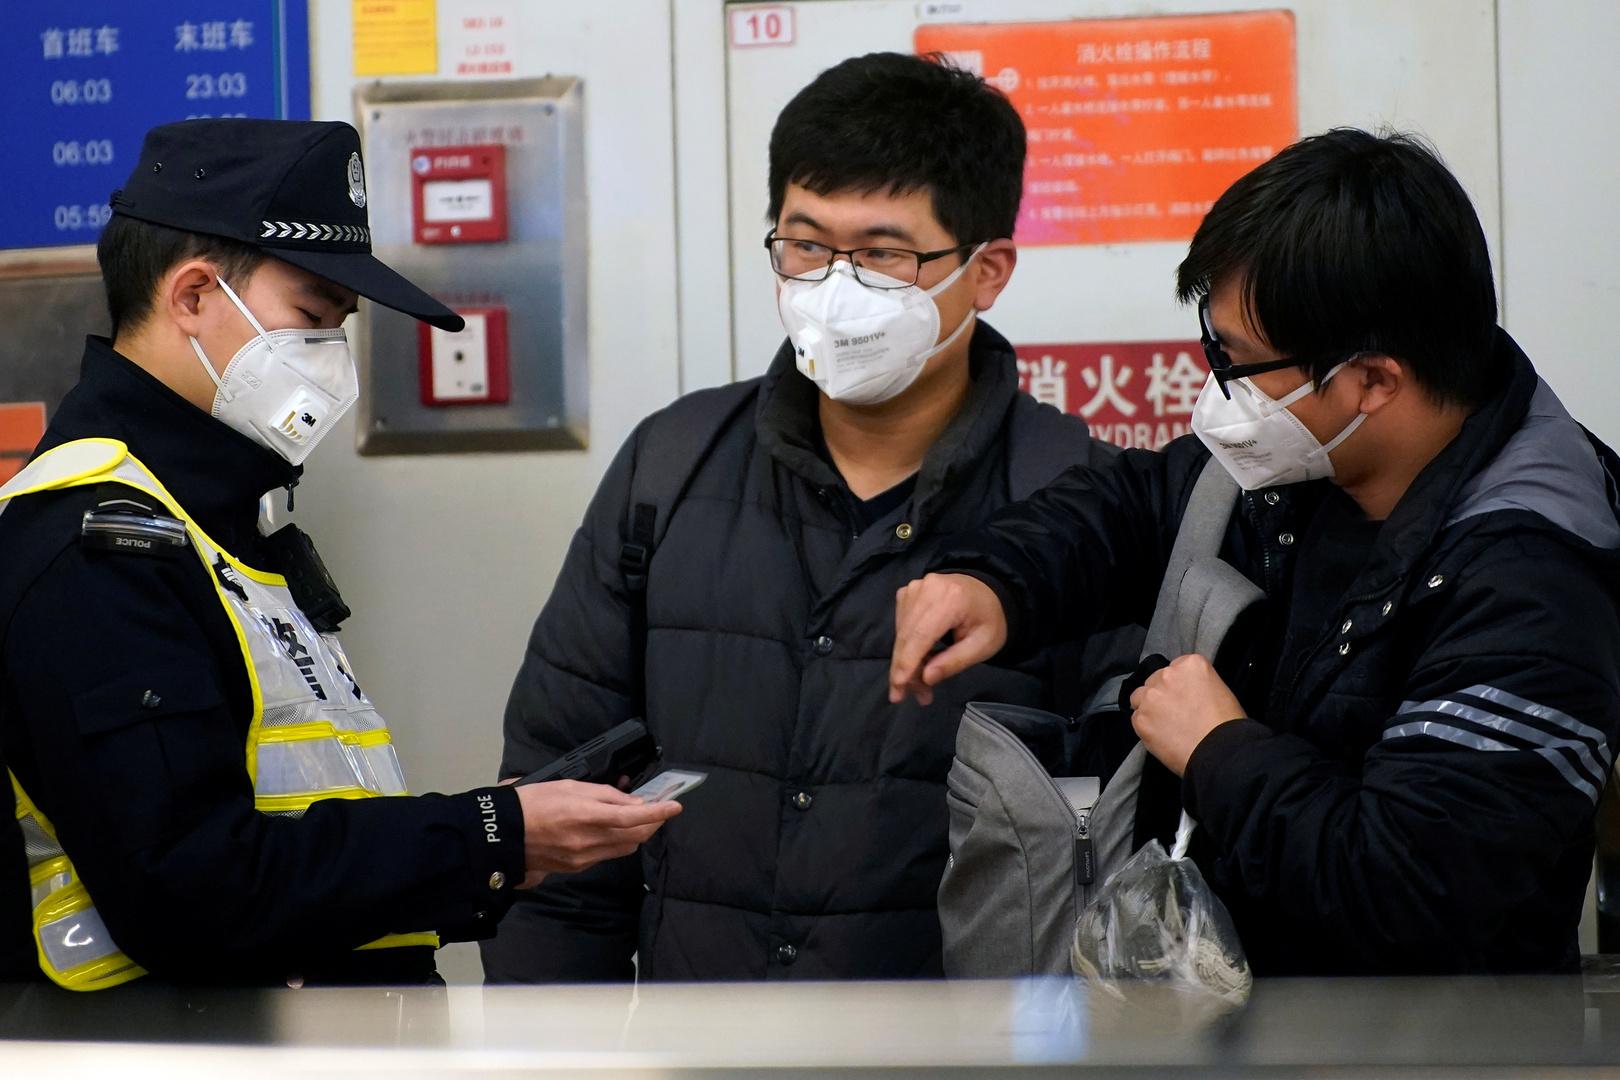 الصين تتخذ إجراءات صارمة ضد من يروج أخبارا كاذبة عن انتشار كورونا